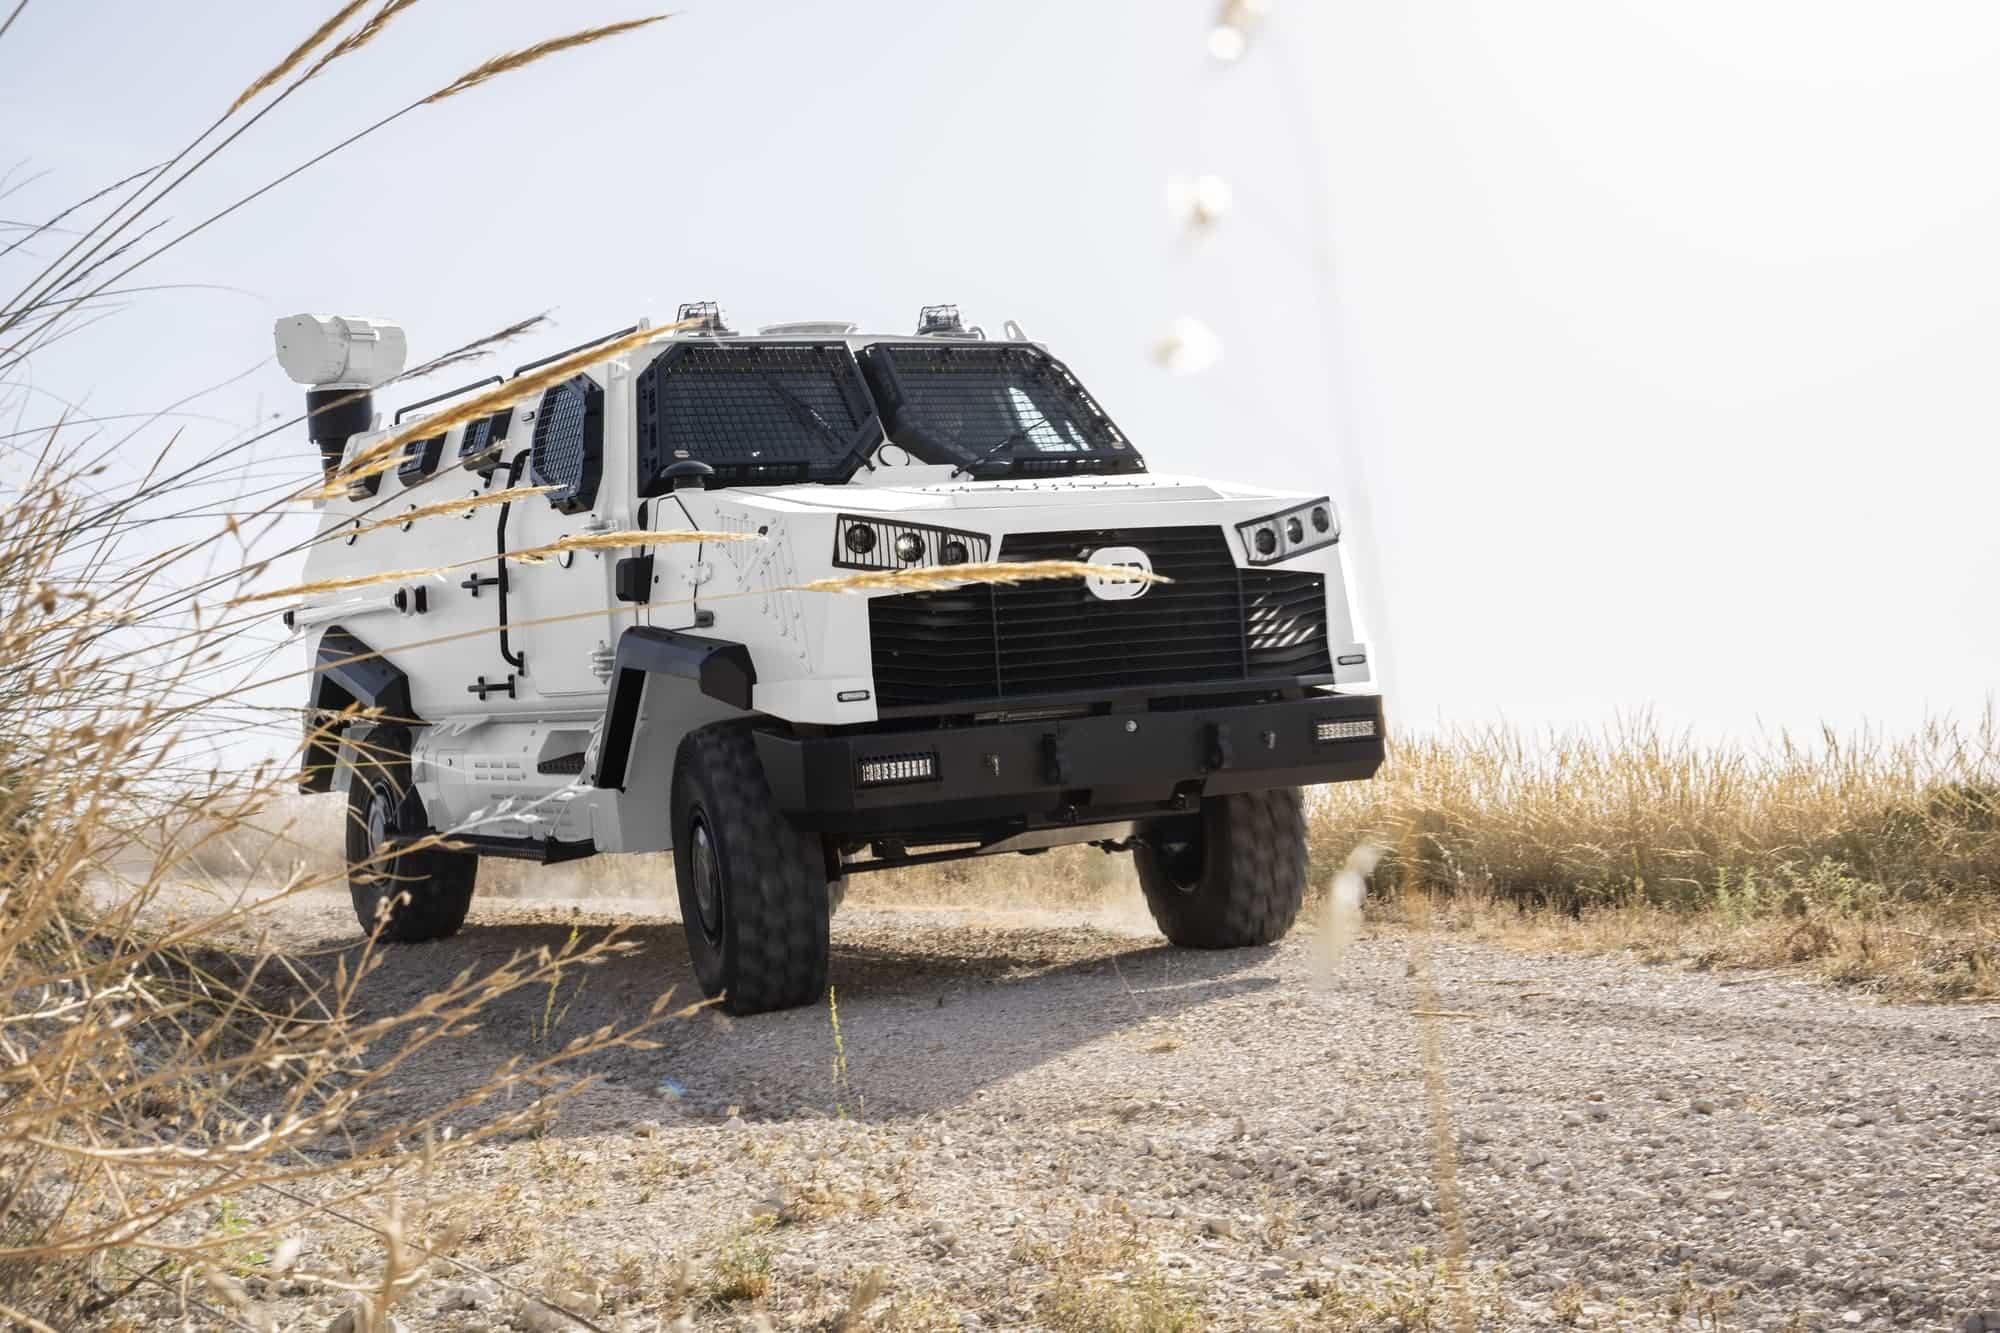 TSD presenta IBERO, un vehículo táctico multipropósito, con adaptabilidad y versatilidad 23